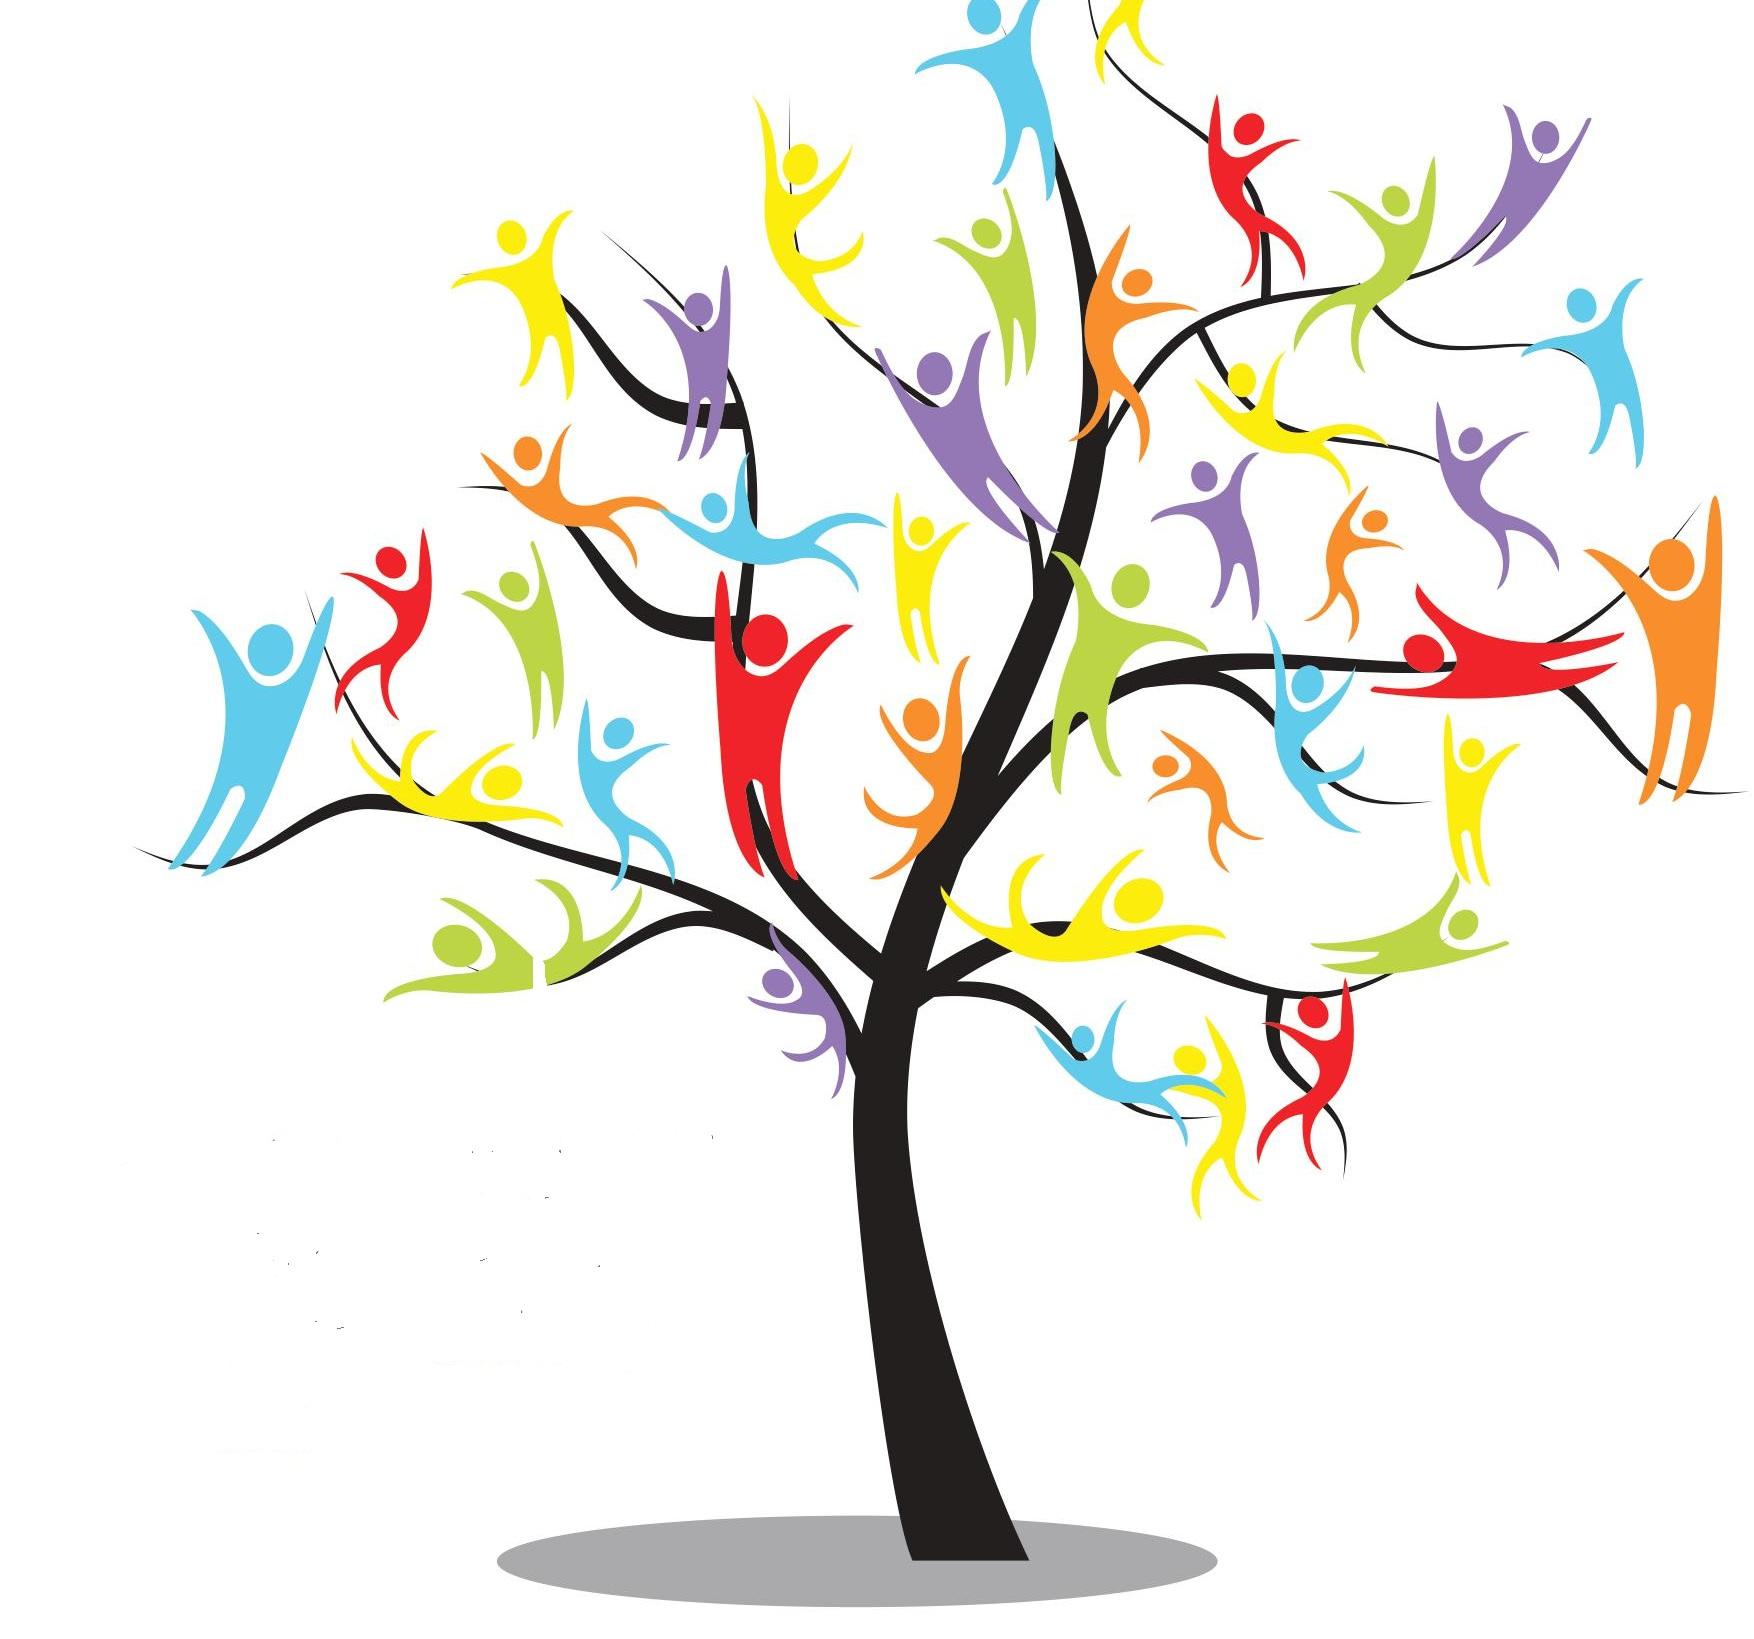 albero dell'inclsuione